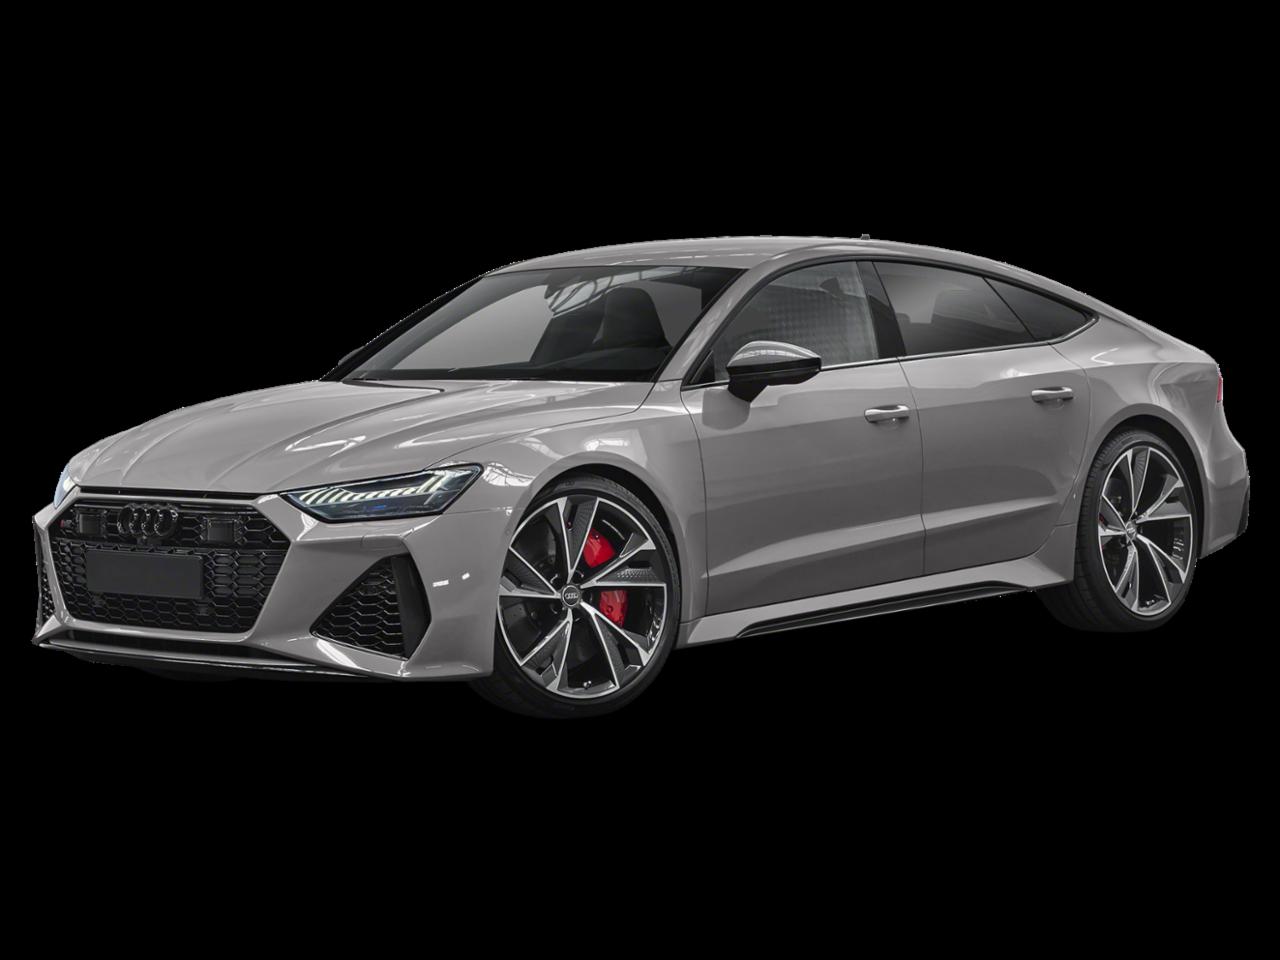 Audi 2021 RS 7 4.0 TFSI quattro